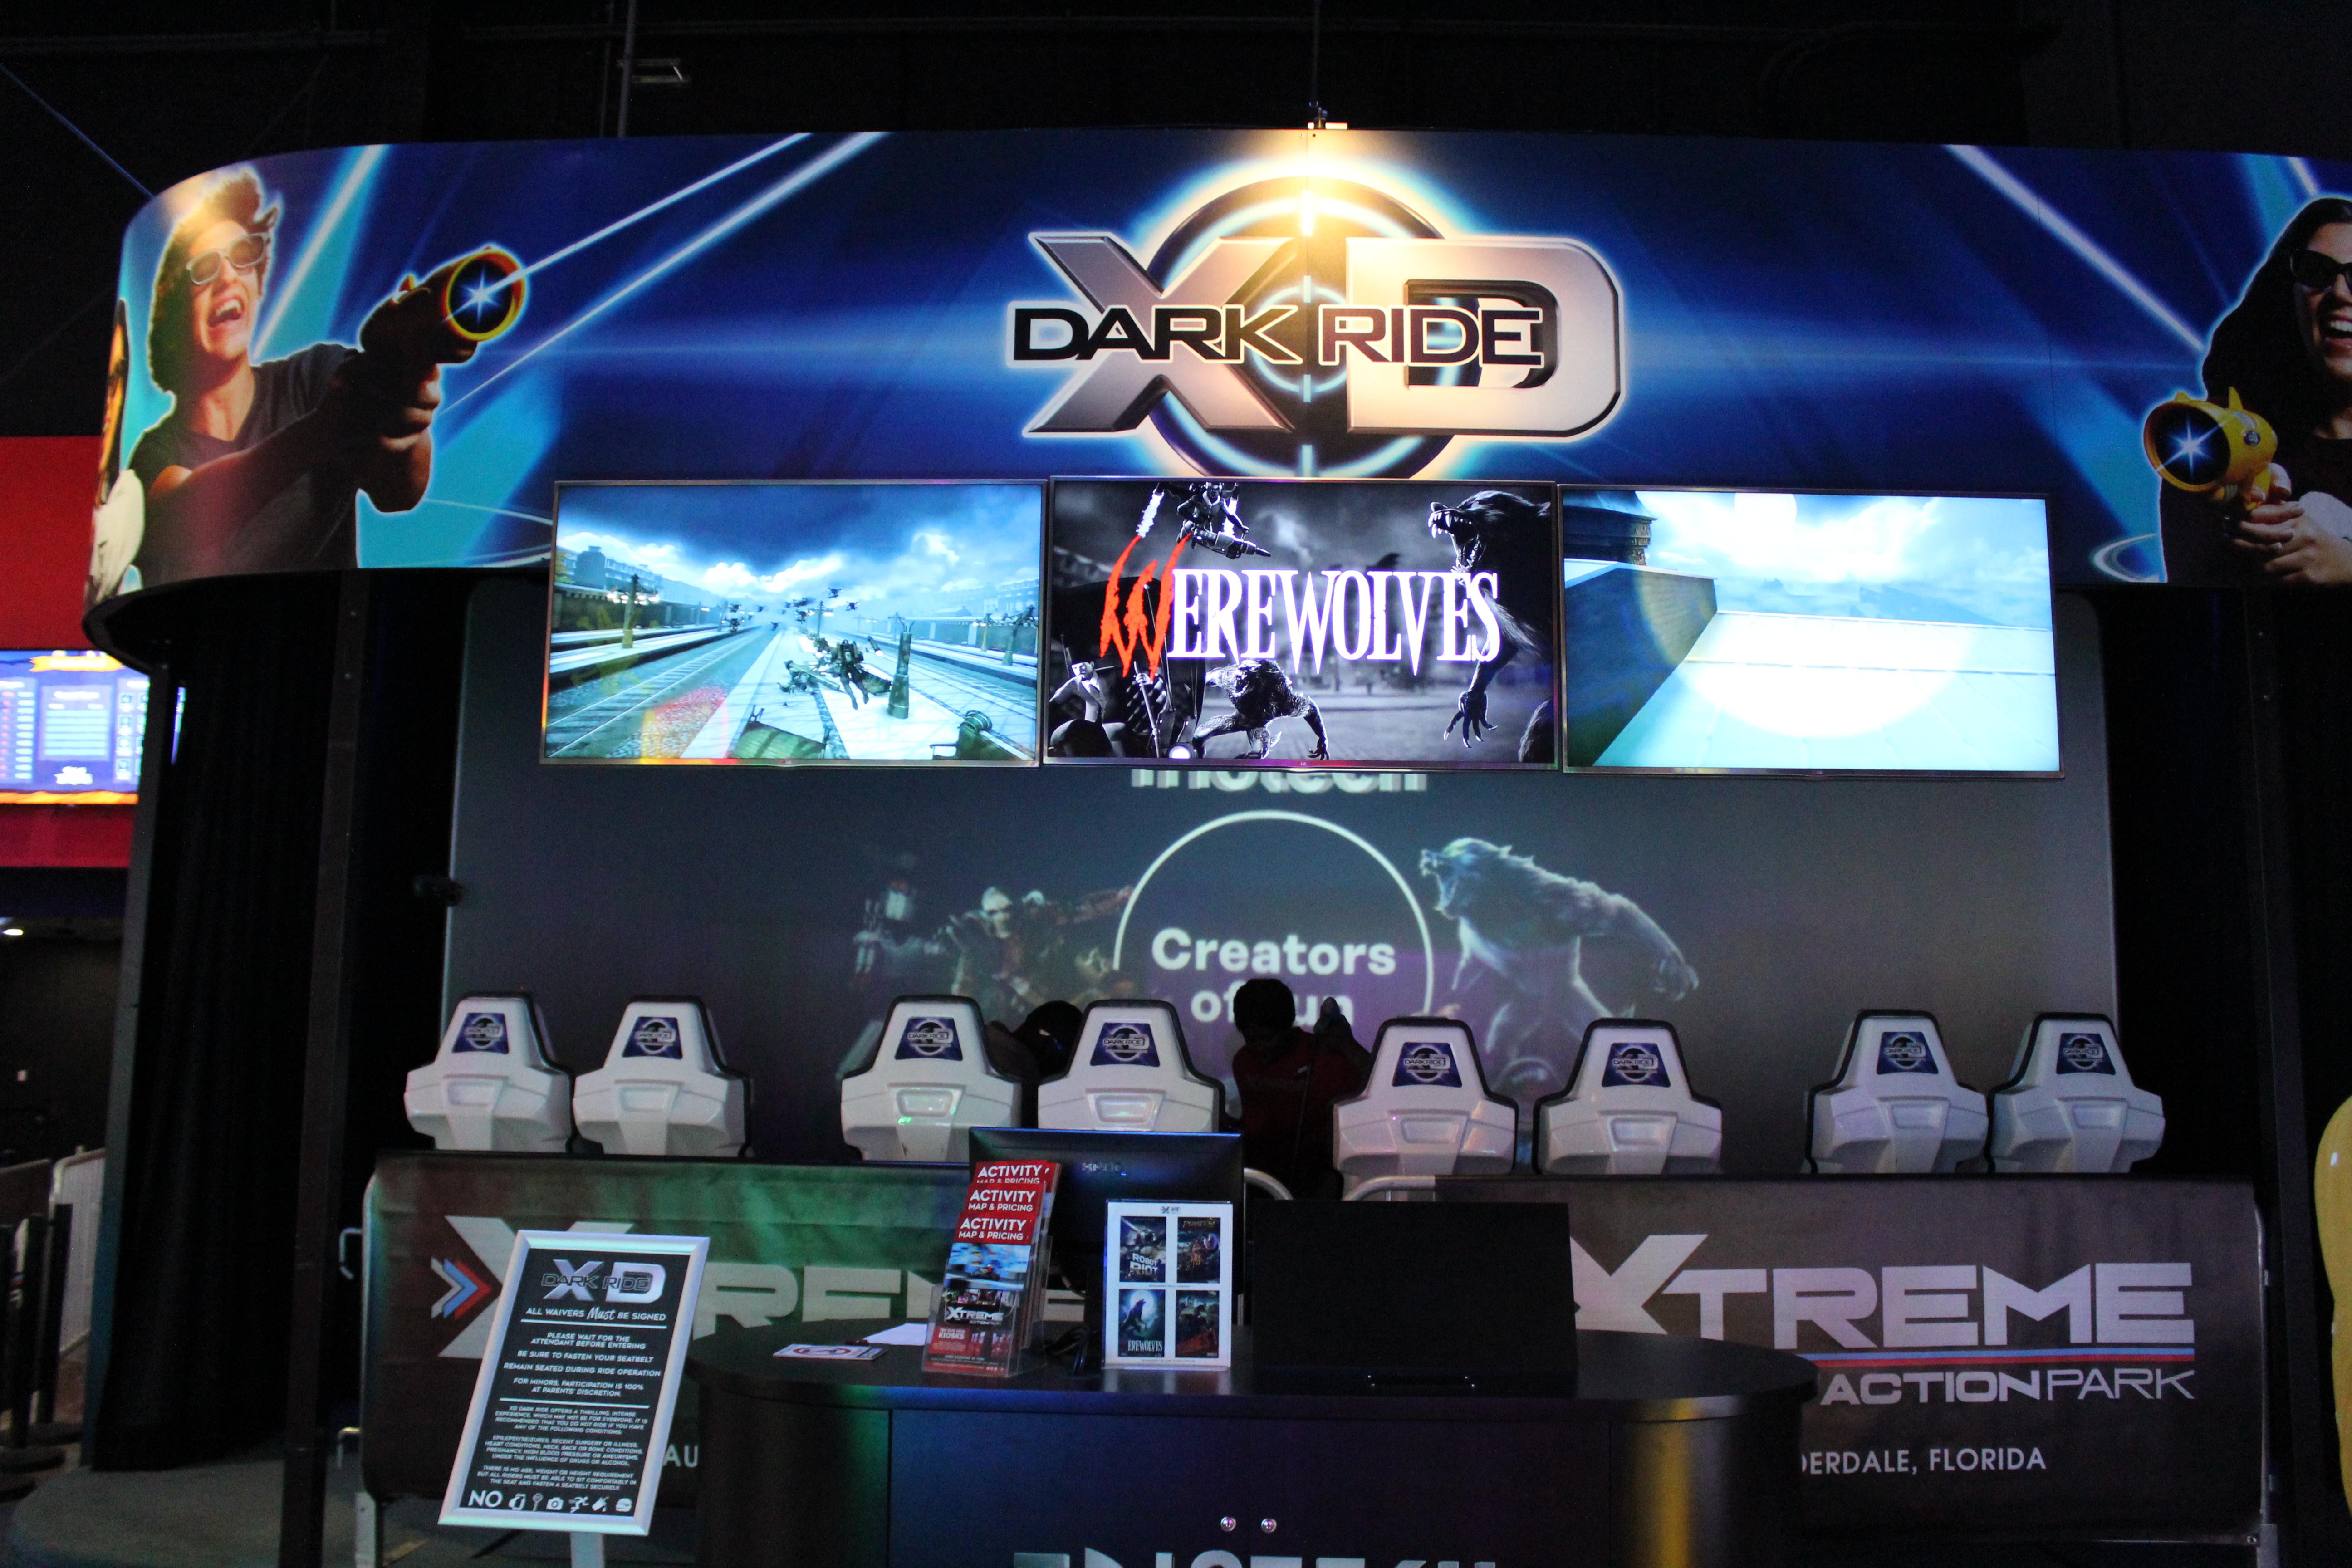 XD Dark Ride Theater Front